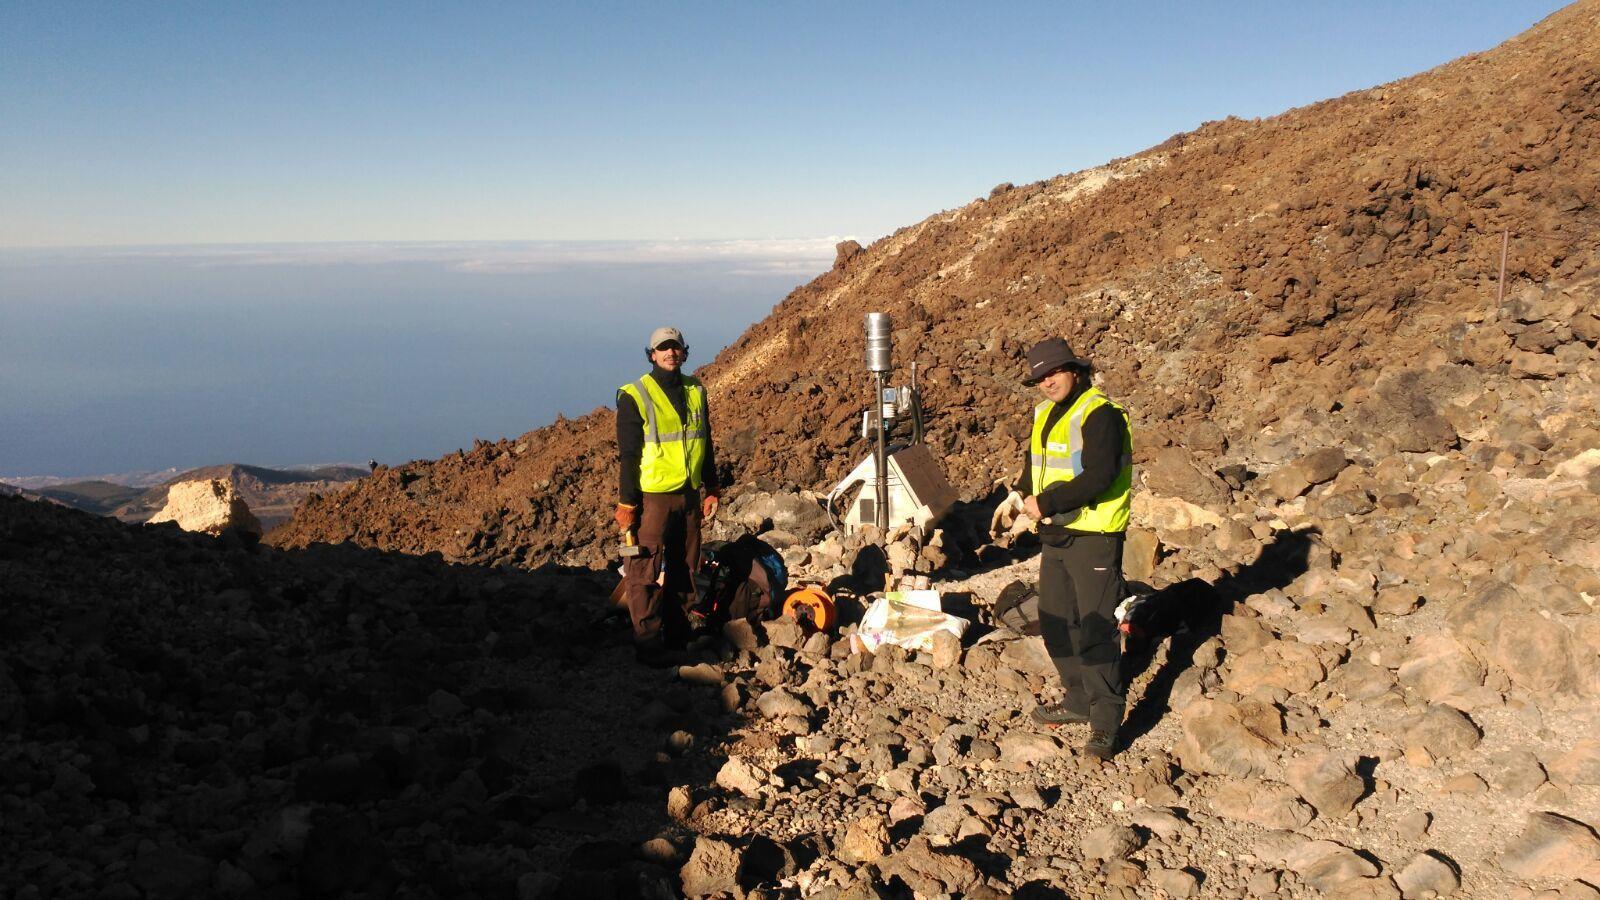 Teide - installation des appareils de mesure par les équipes MultiTeide ce 05.10.2016 - photo Diariodeavisos